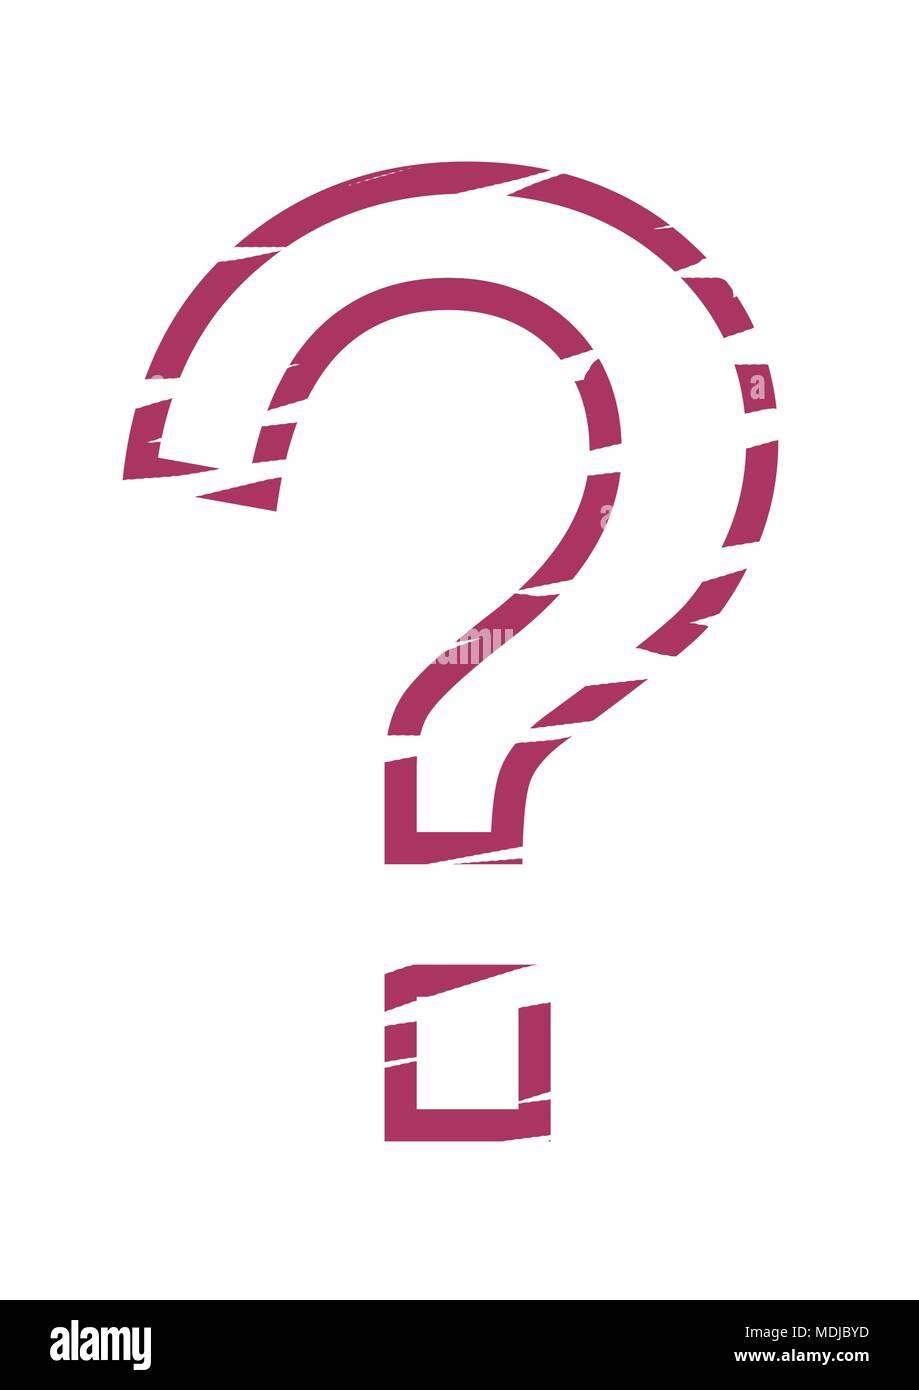 stencil question mark - Stock Image